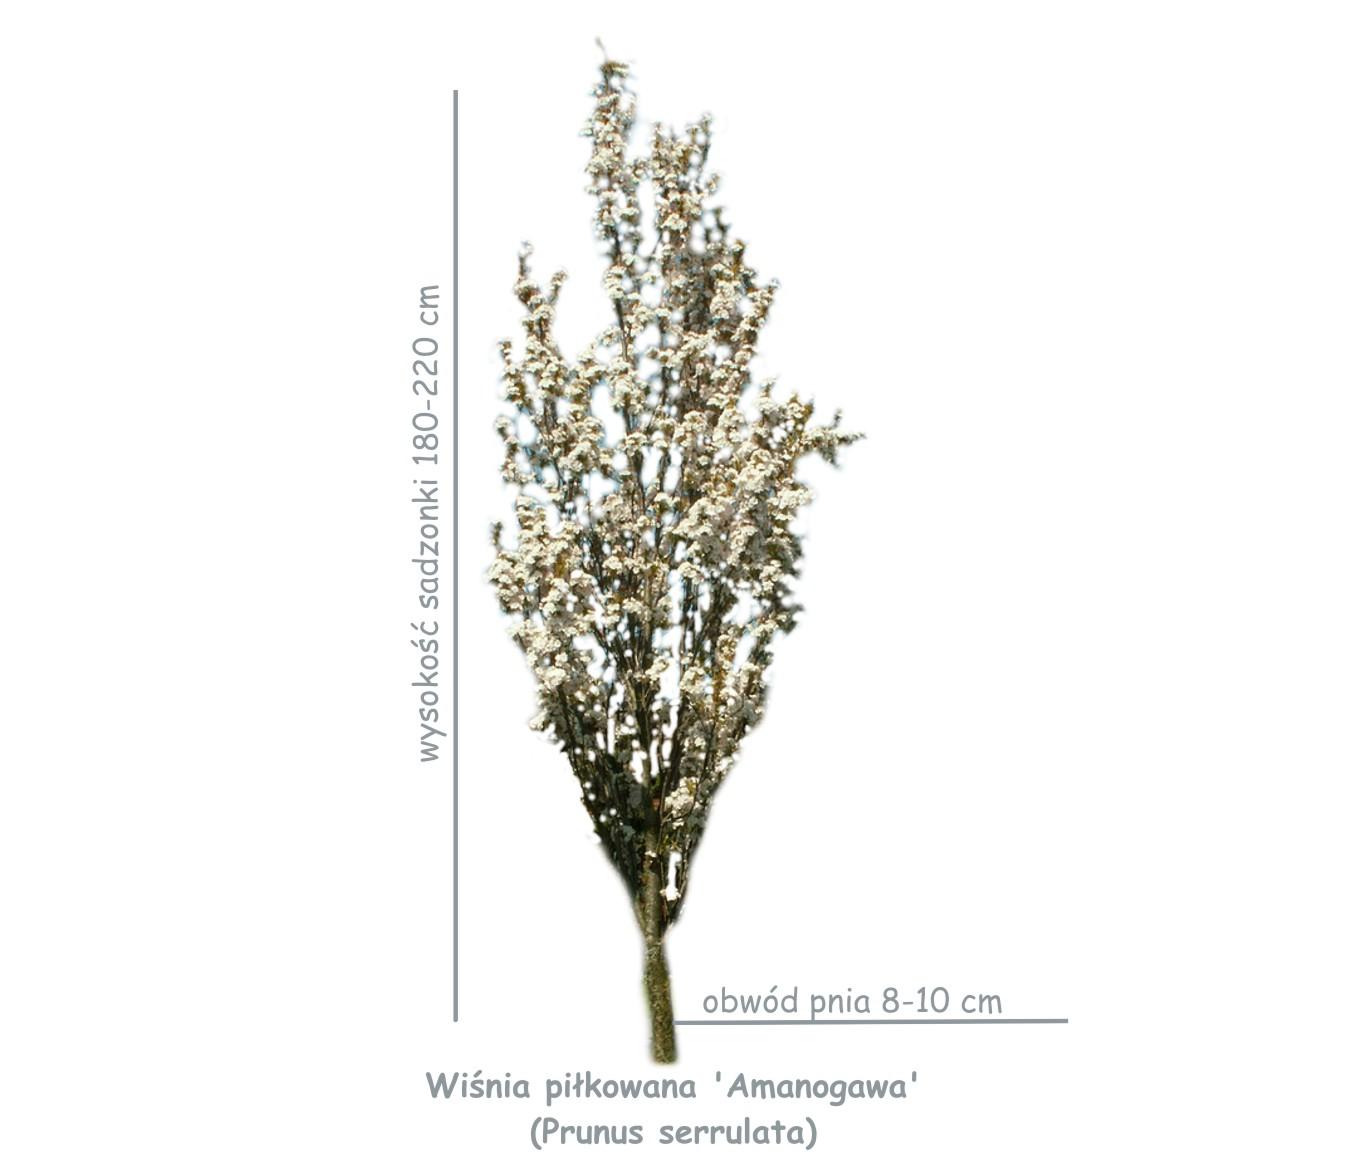 Wiśnia piłkowana 'Amanogawa' (Prunus serrulata) sadzonka o obwodzie pnia 8-10 cm